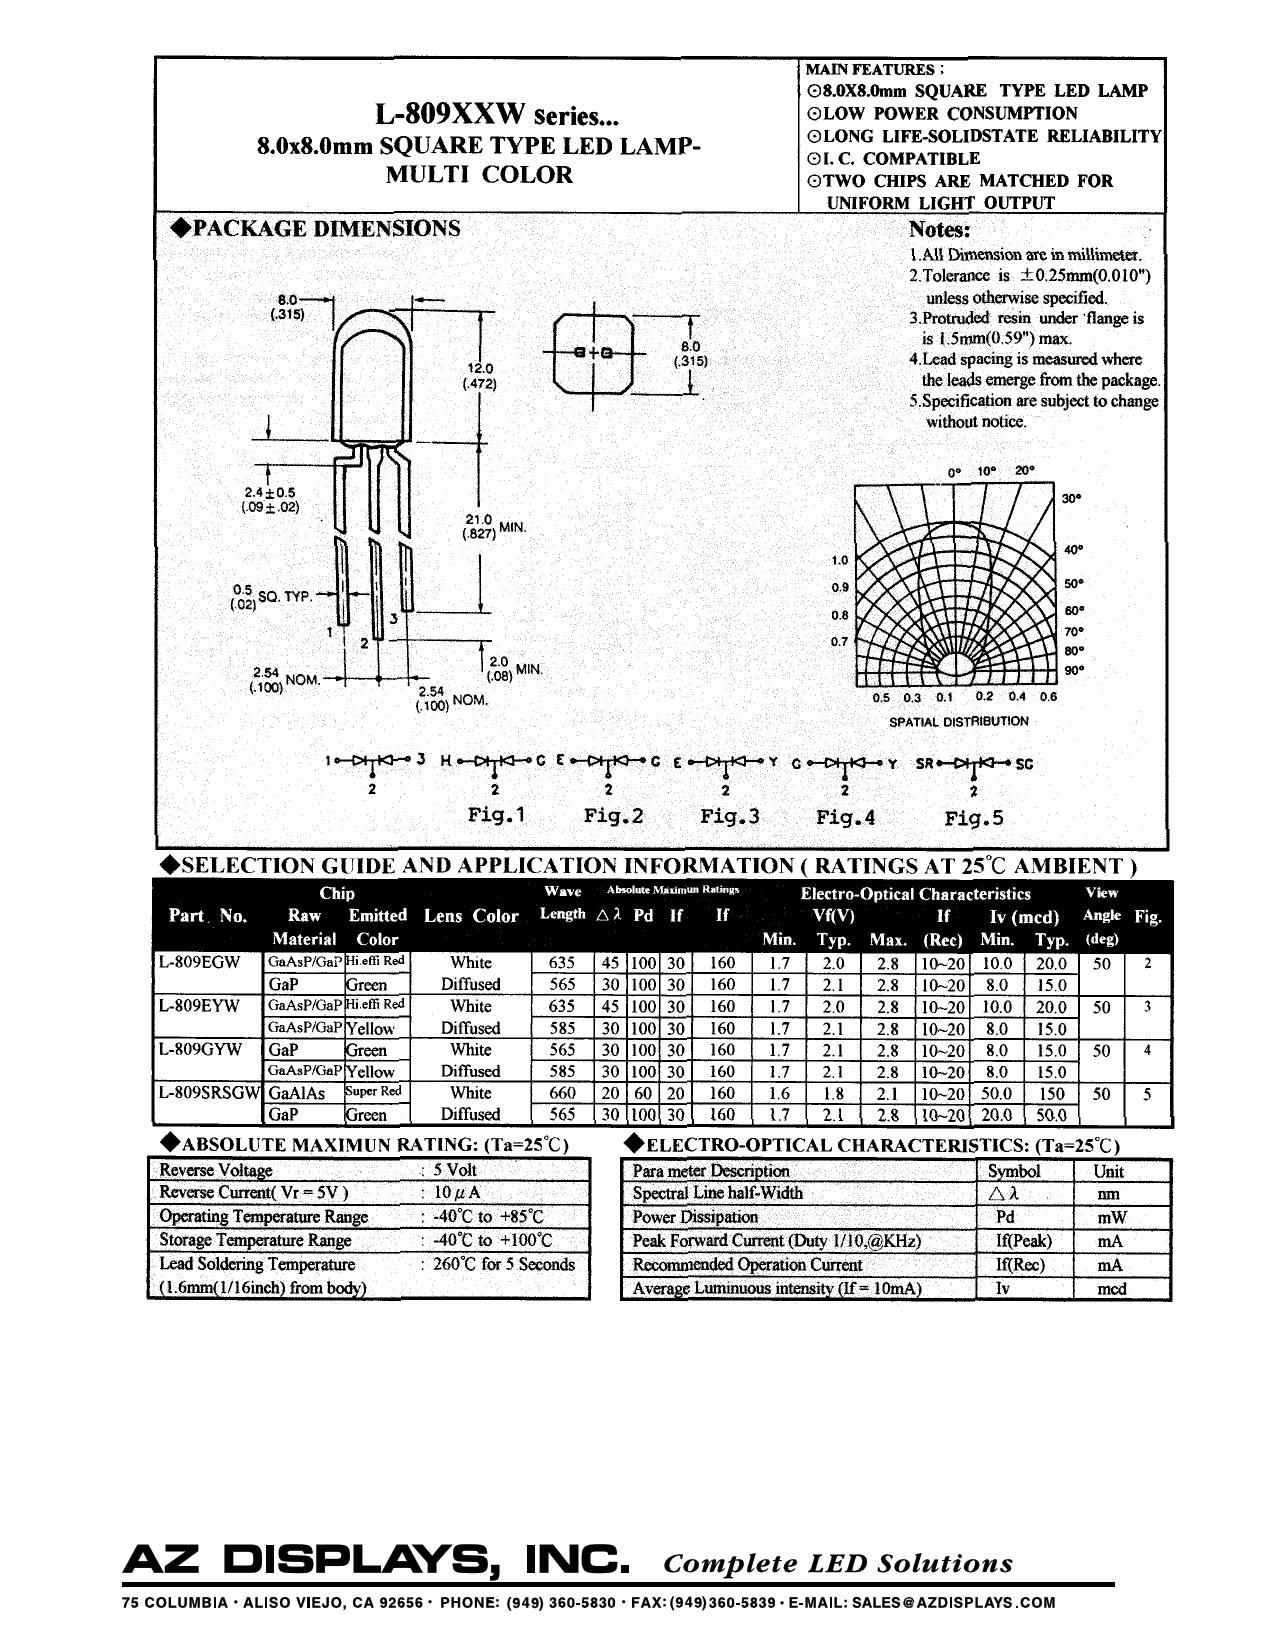 L-809SRSGW دیتاشیت PDF